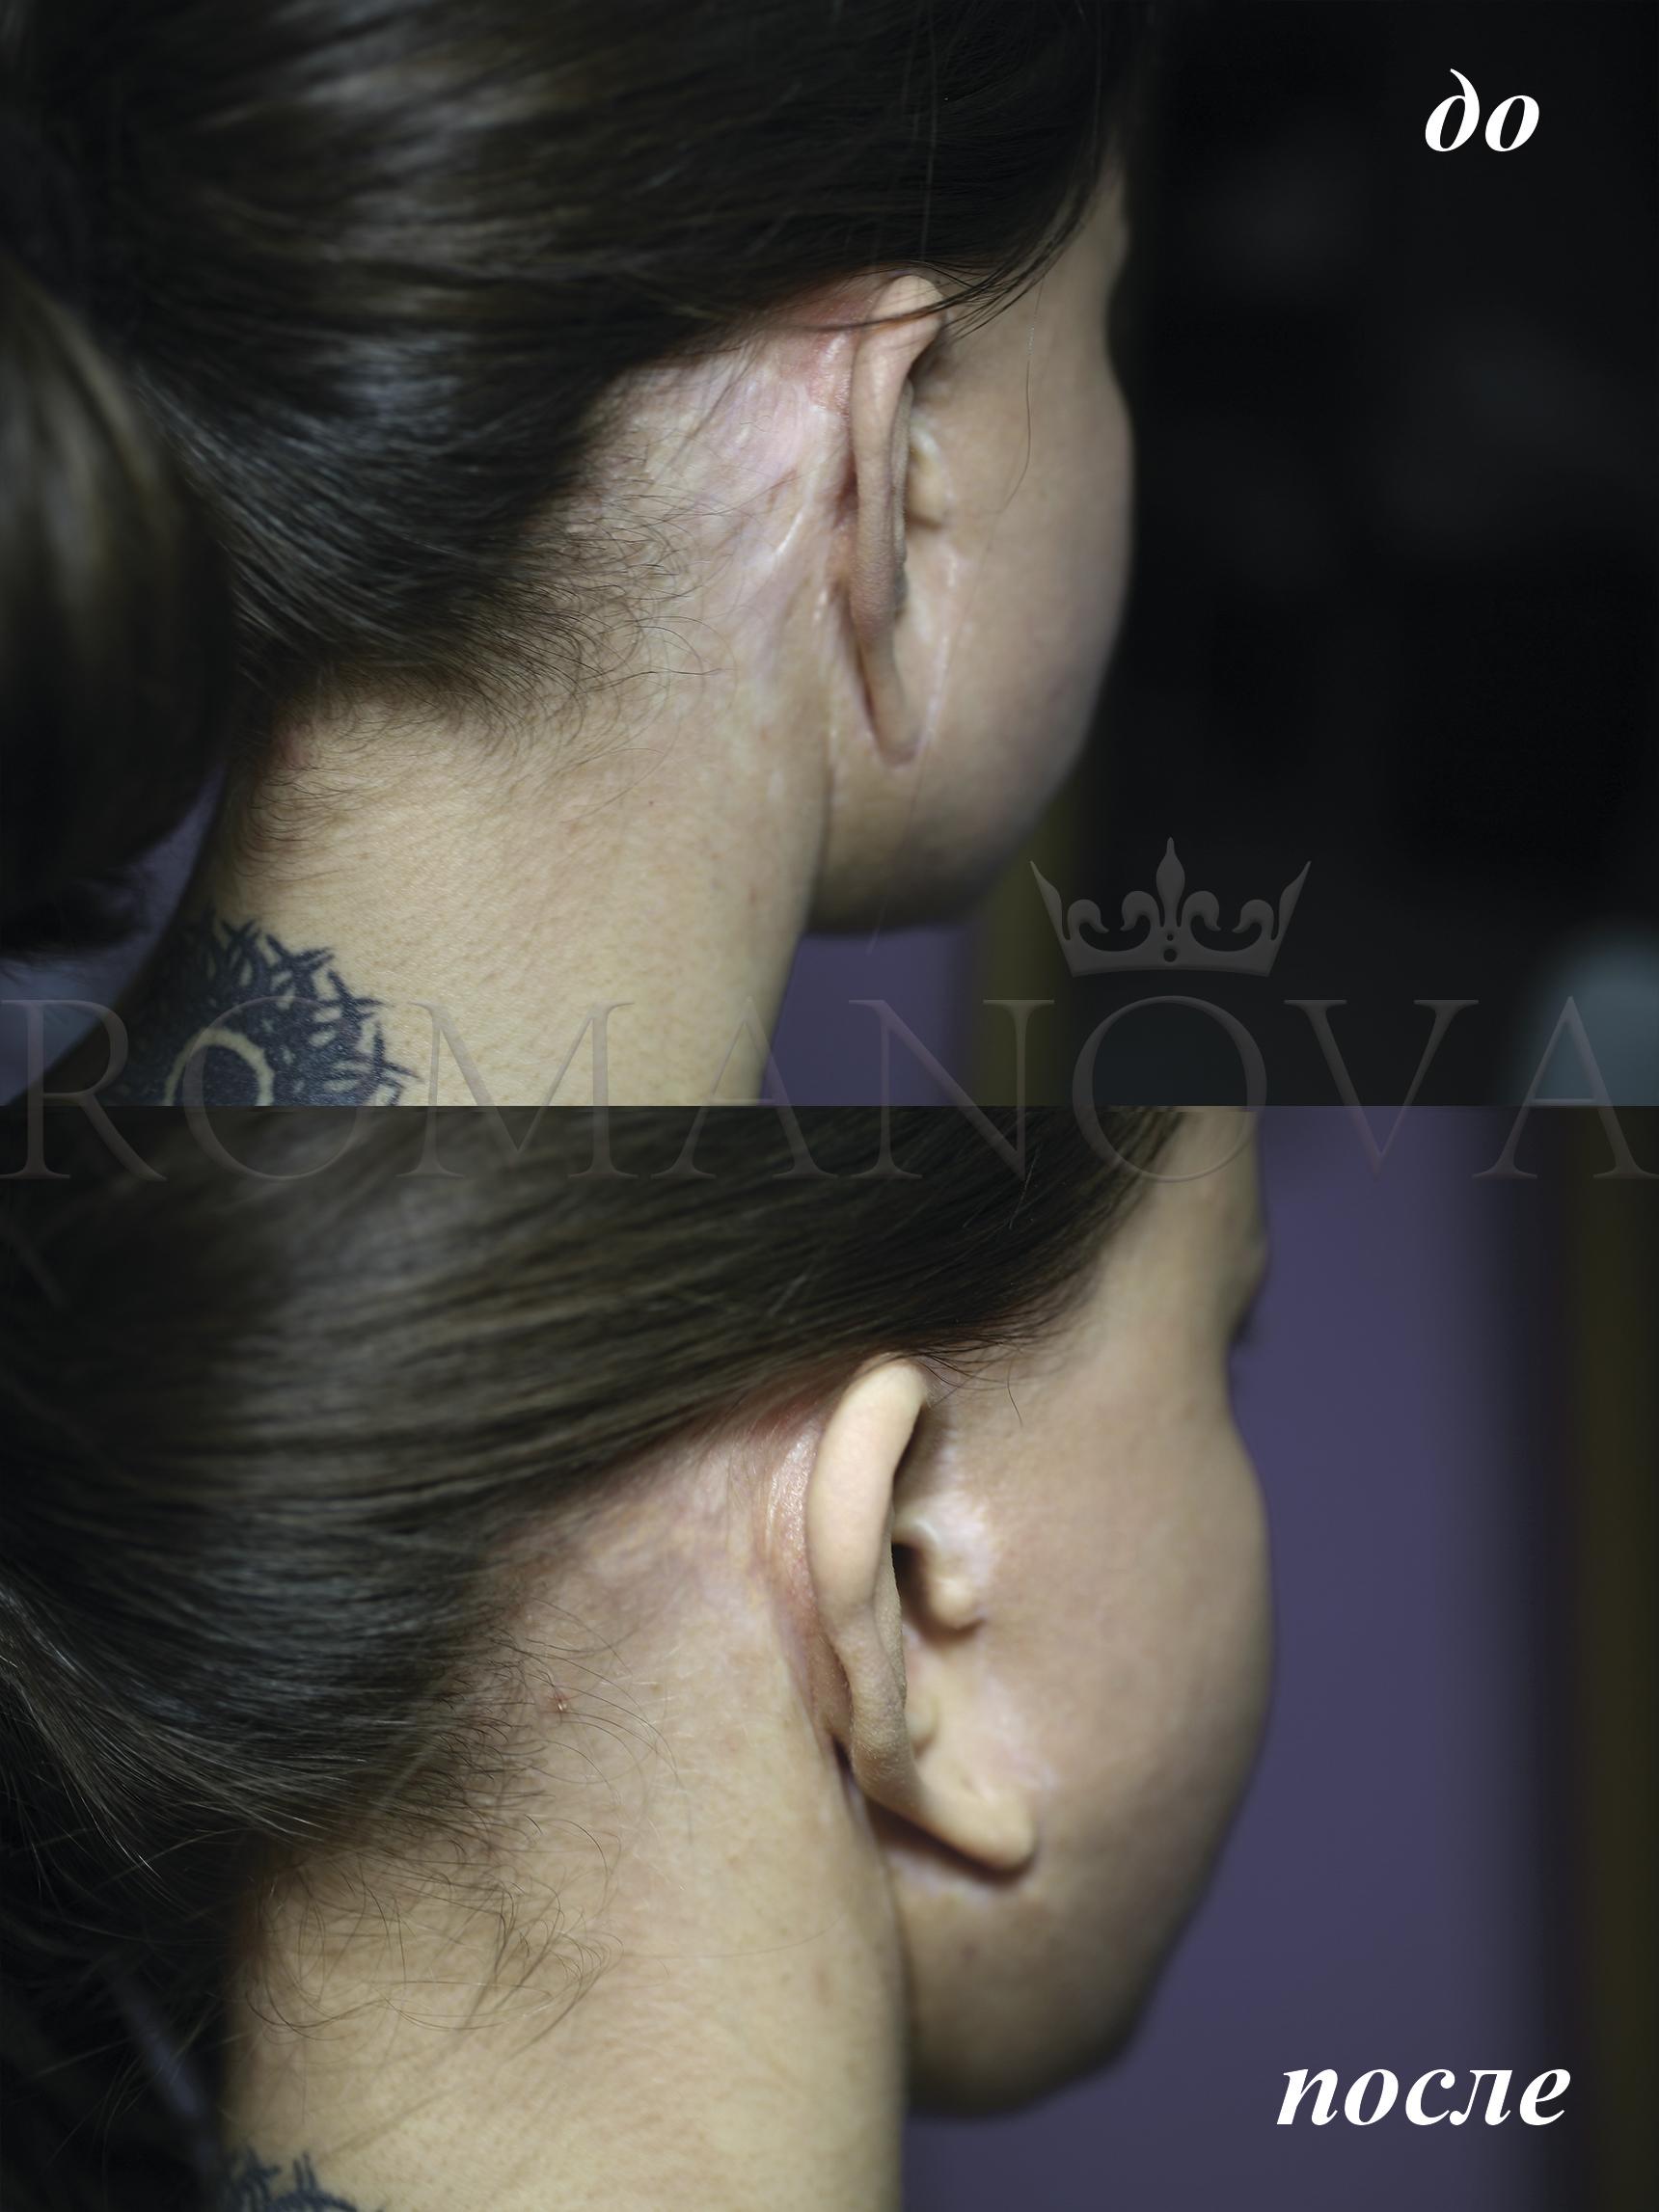 После круговой подтяжки рубцы хорошо перекрываются под то кожи, как и в других местах. Также во время процедуры кожа шлифуется и становится более гладкой